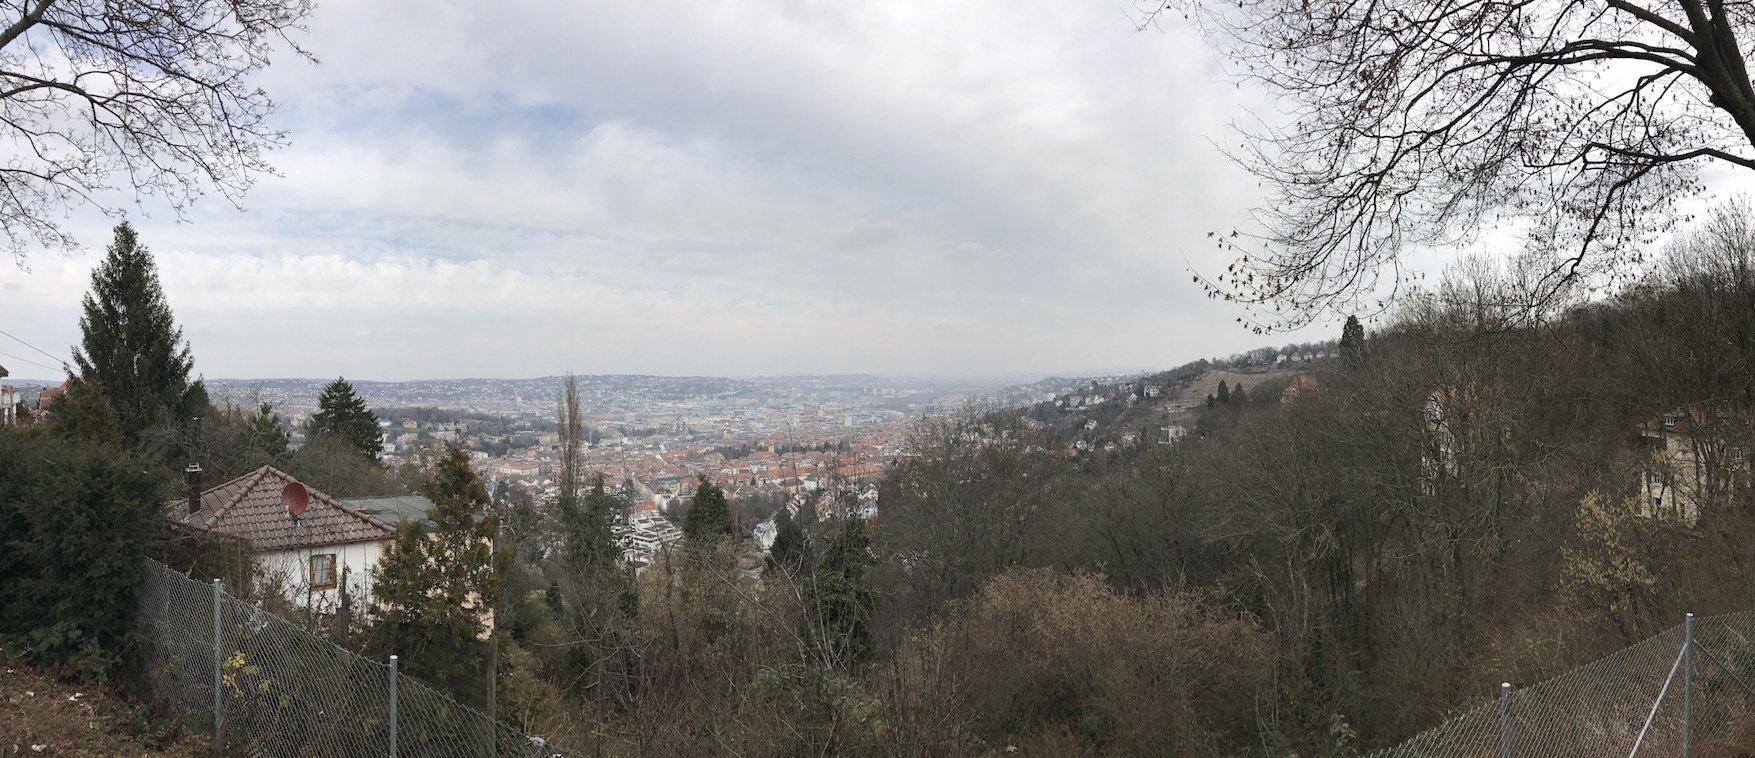 Panoramabild vom Santiago de Chile Platz in Stuttgart Degerloch